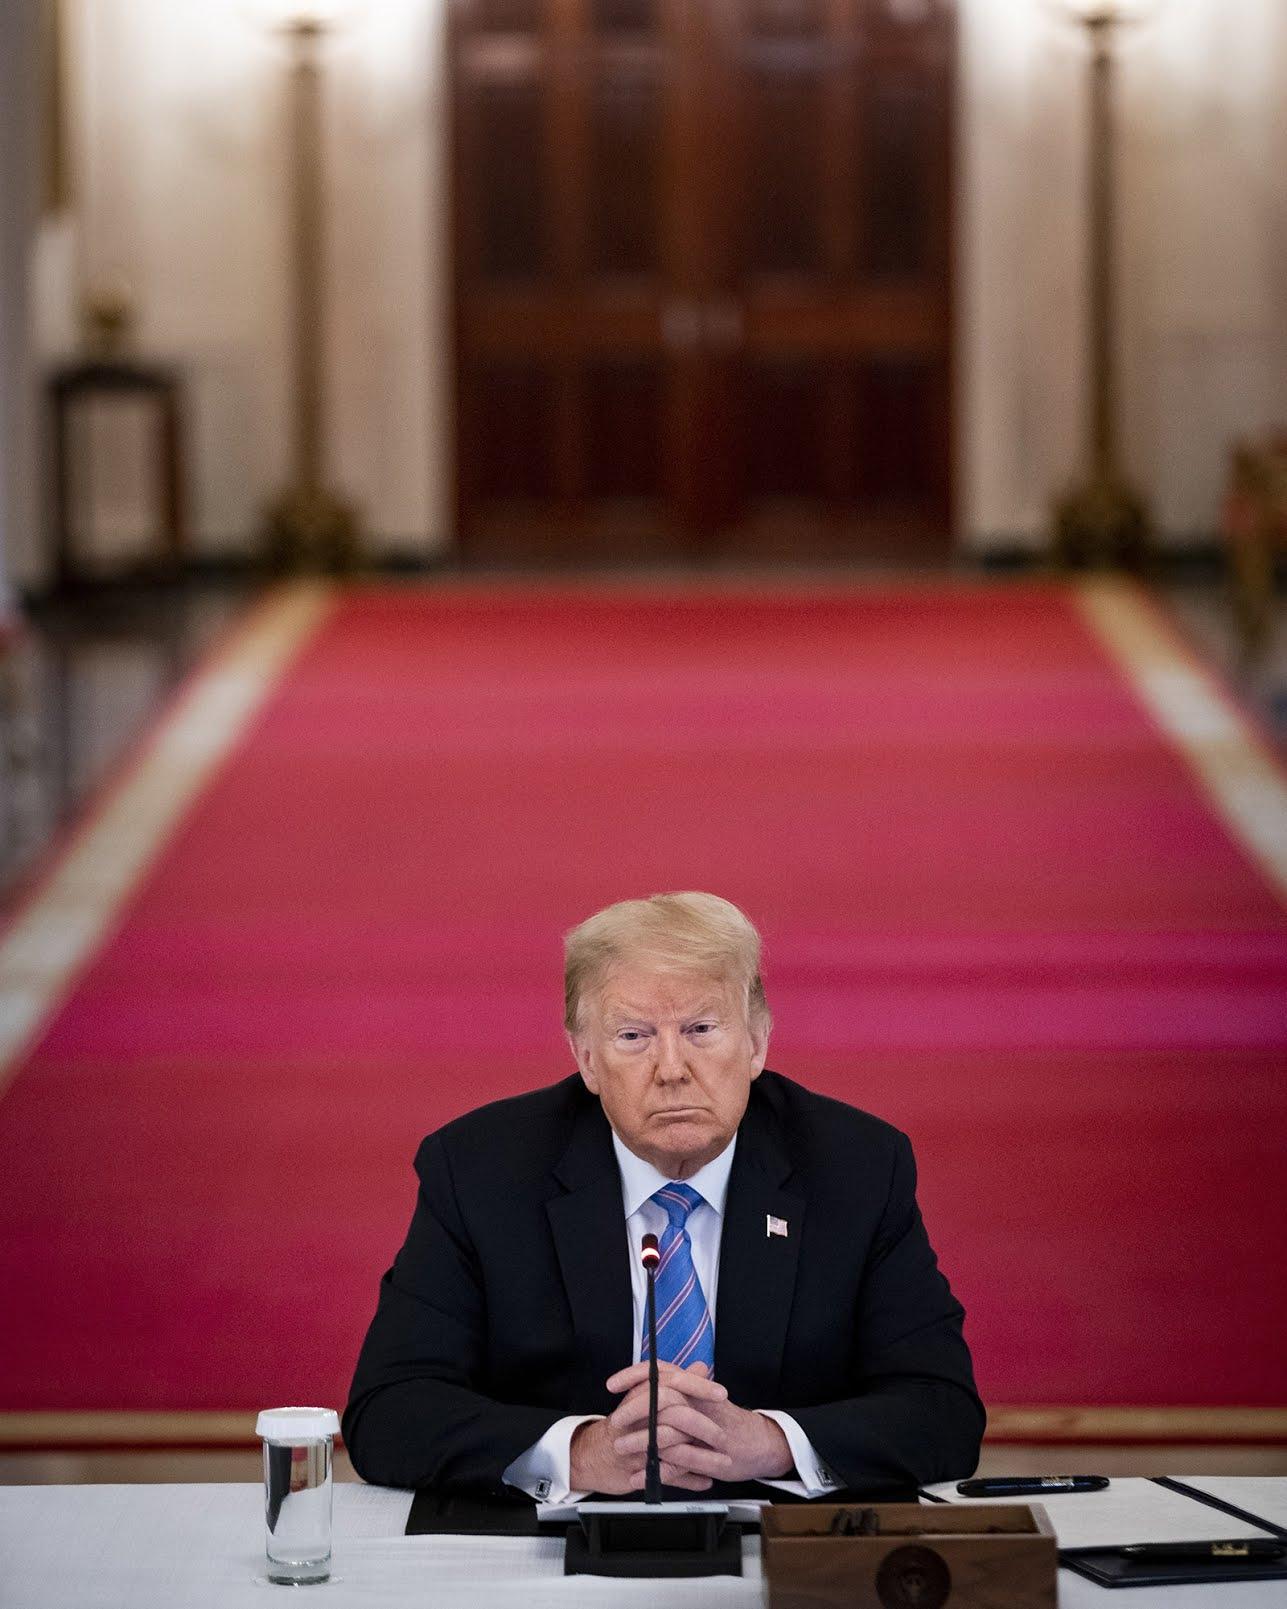 trump-is-losing-moral-1223044500.jpg